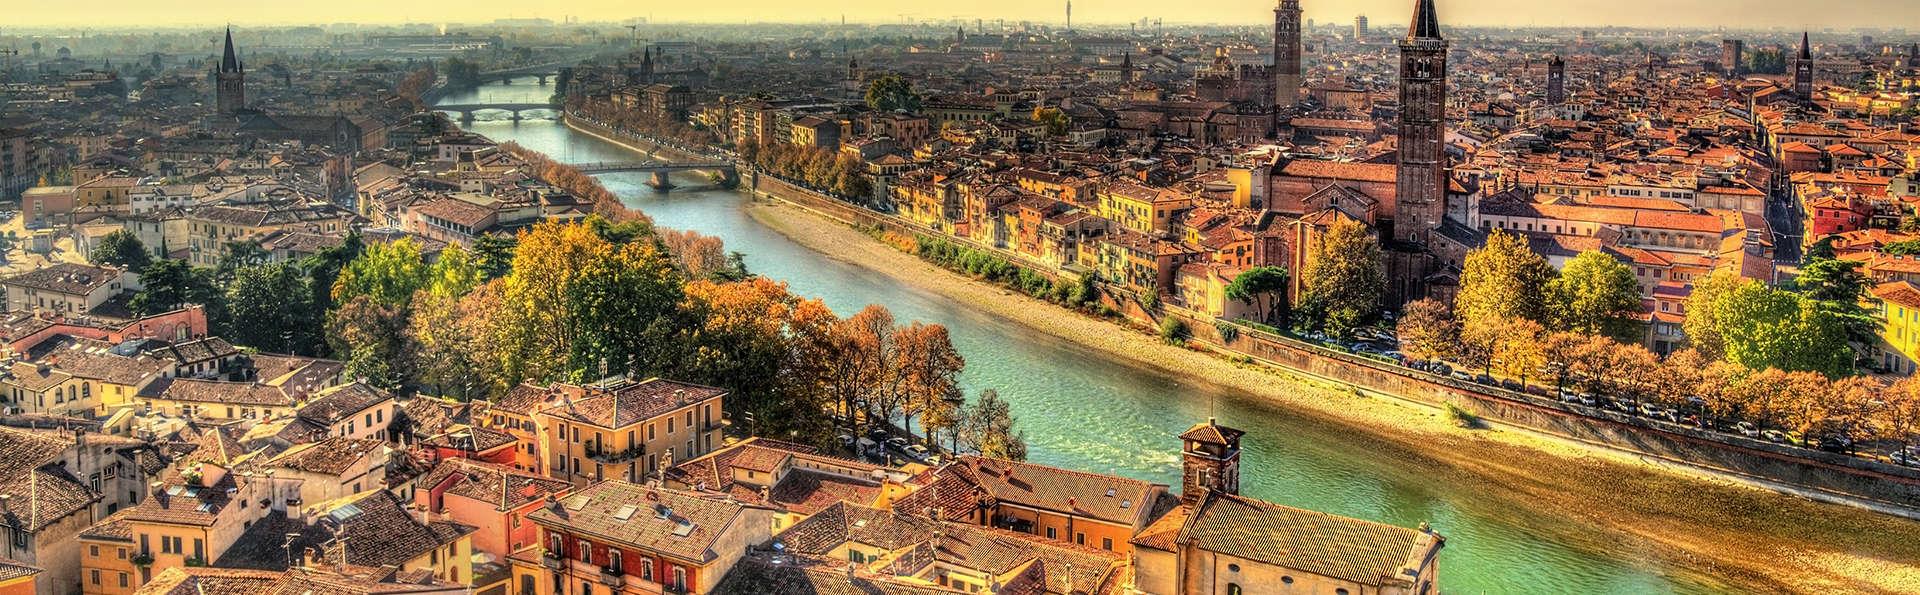 Best Western CTC Hotel Verona - Edit_Verona2.jpg